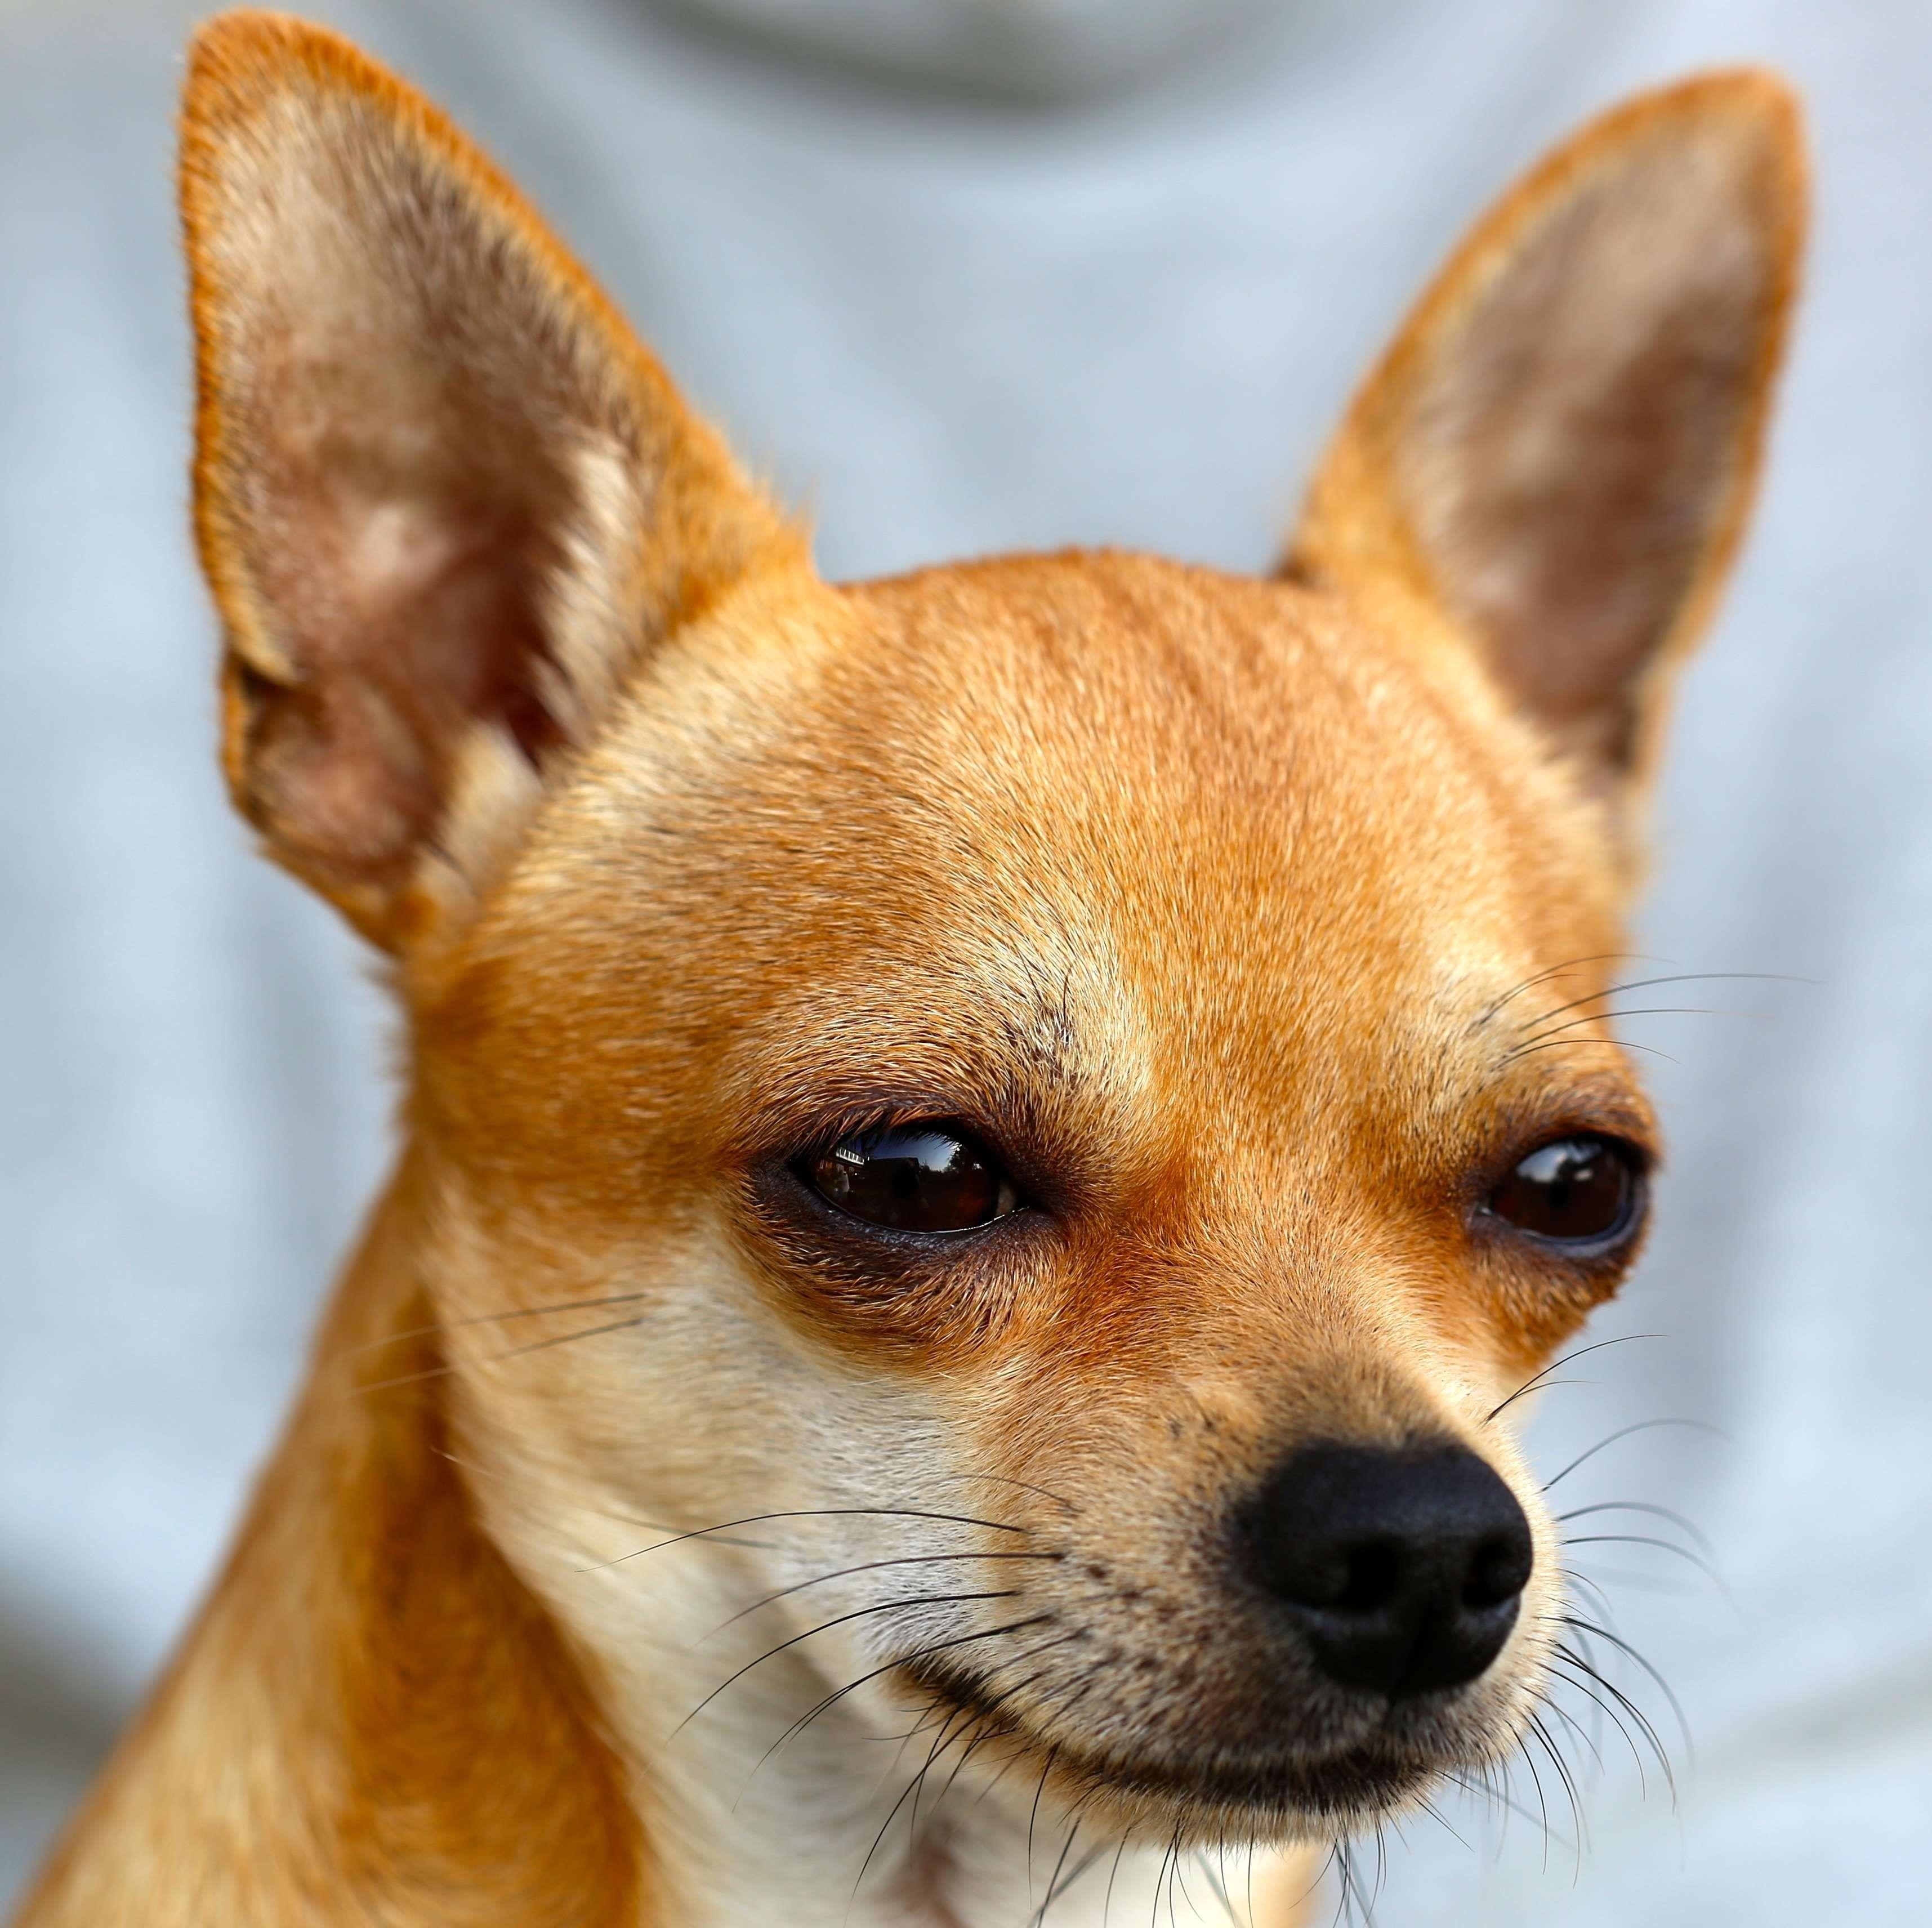 Animal Chihuahua Close Up Dog Eyes Pet Sobel Wallpaper